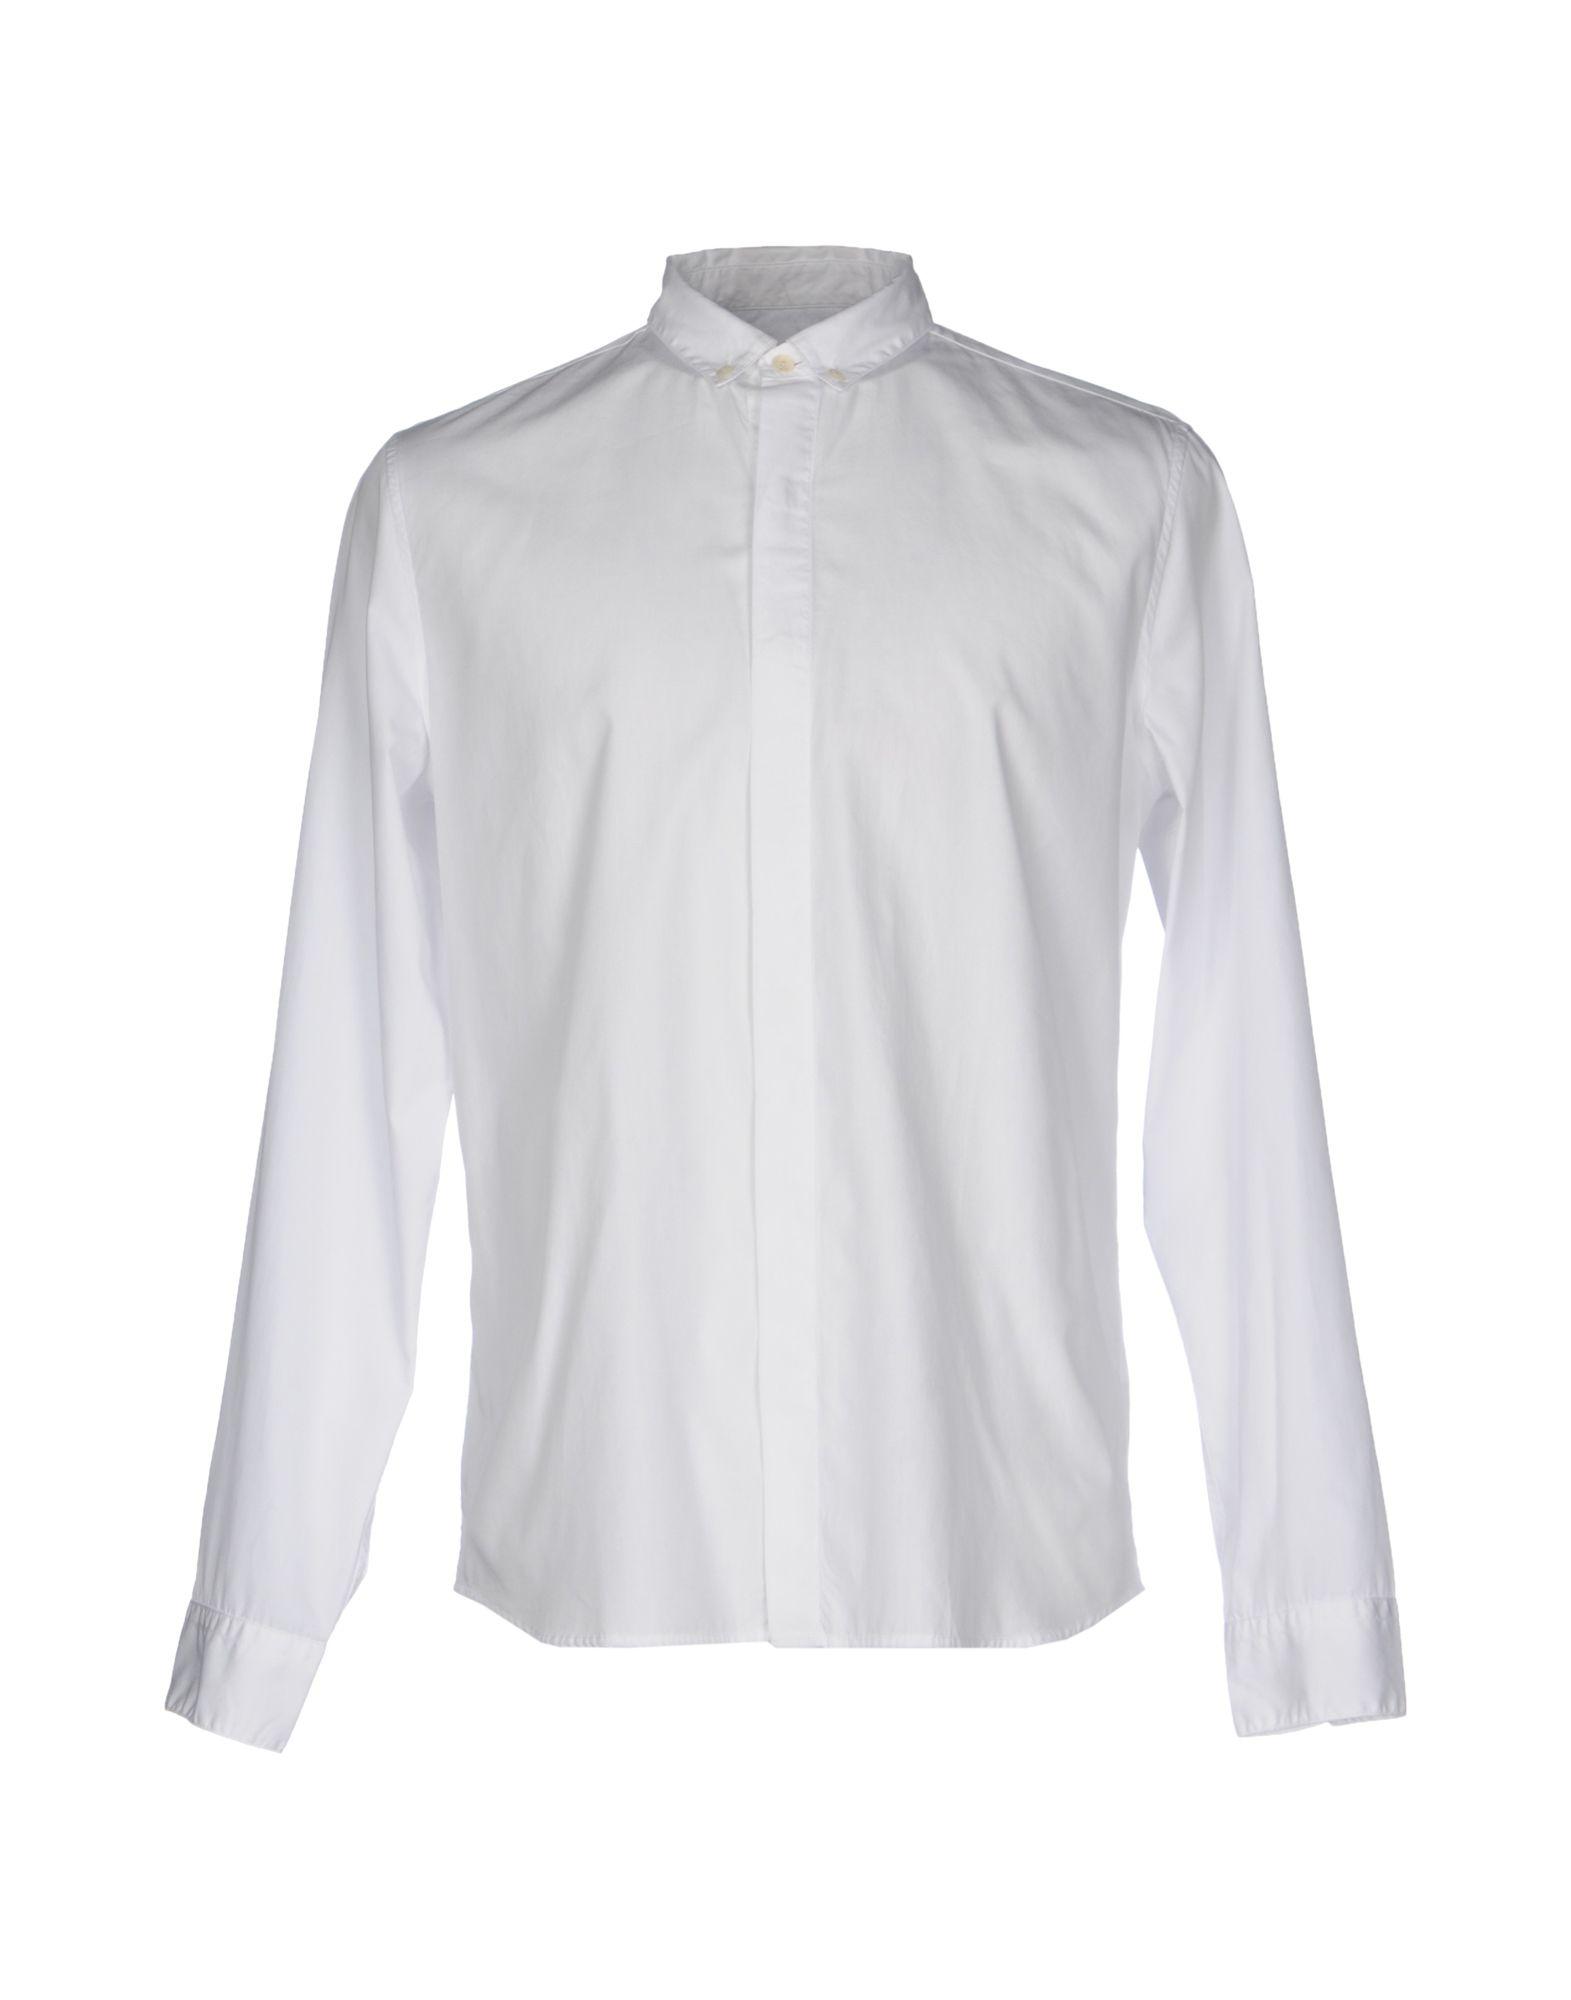 《送料無料》PIERRE BALMAIN メンズ シャツ ホワイト 41 コットン 100%